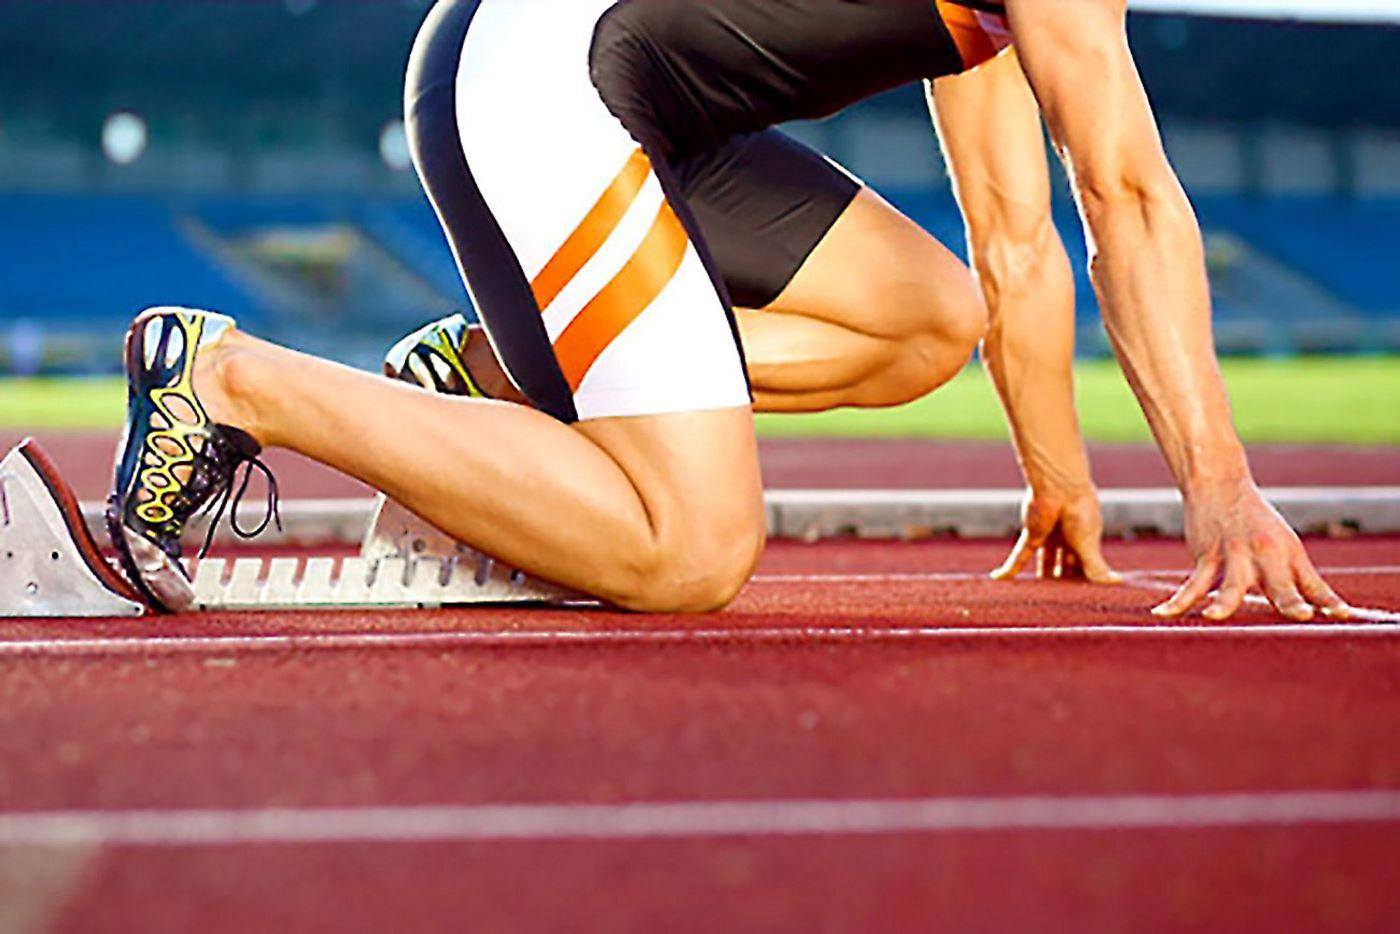 Καρδιακές παθήσεις και αθλητές: Οι κυριότερες αιτίες αιφνίδιου θανάτου